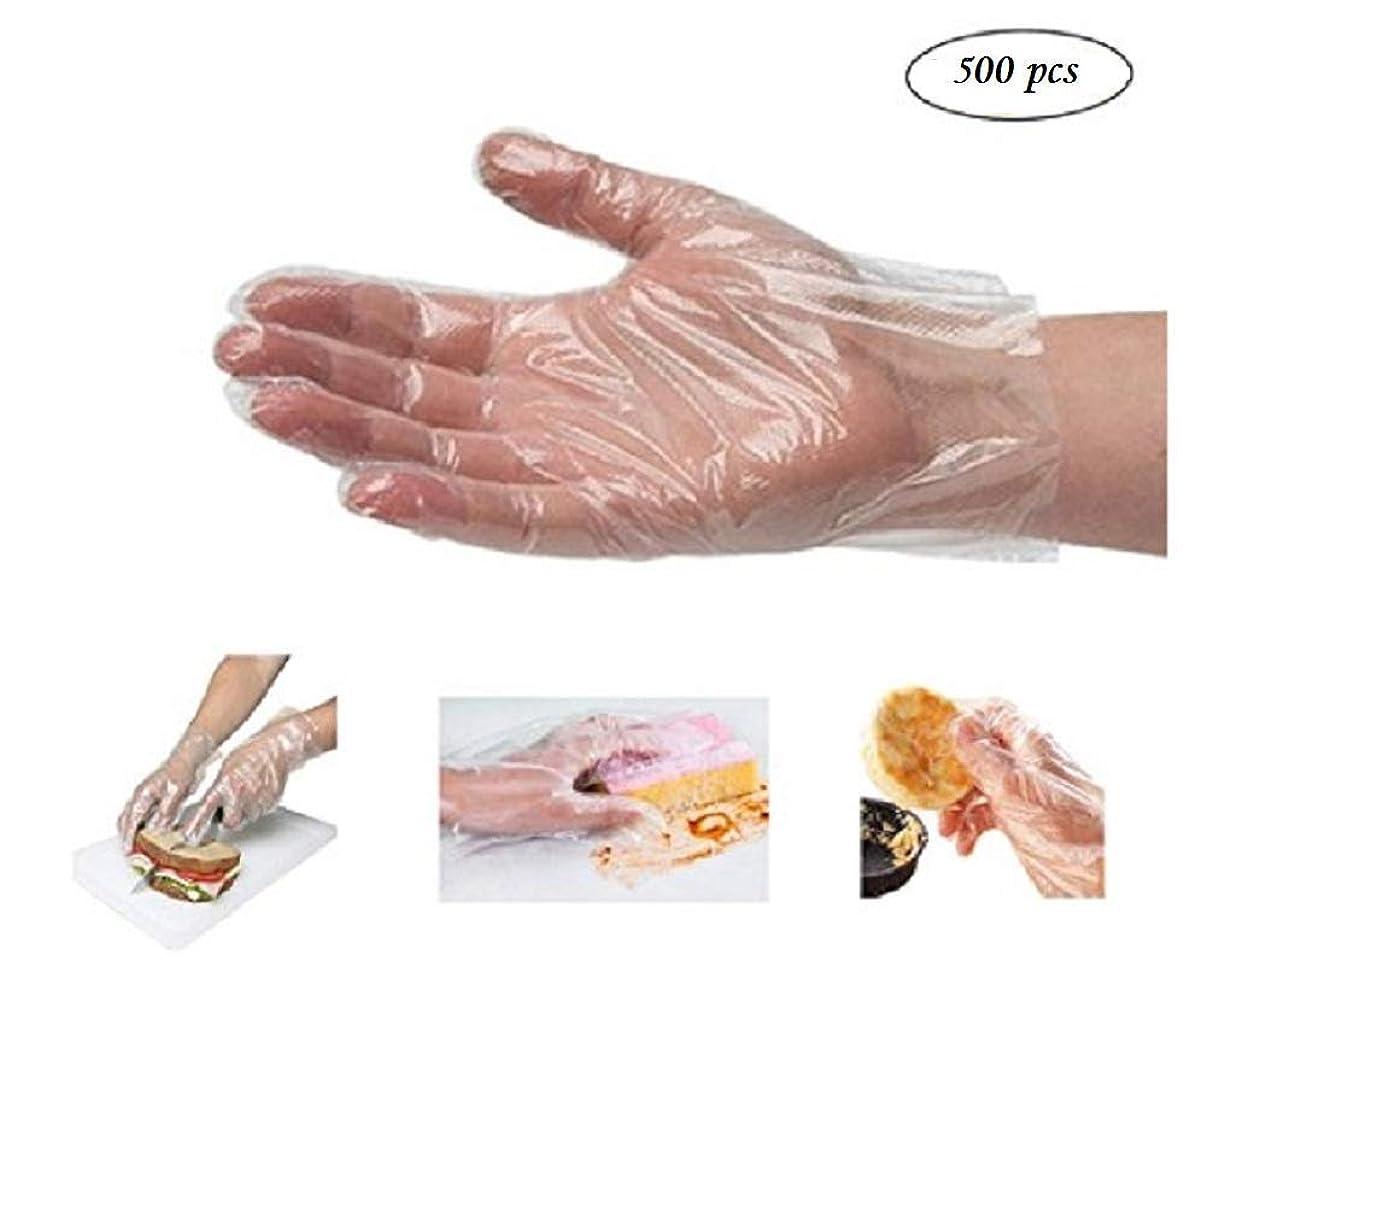 繊維衰える結果として(5) - BYP Clear Disposable Plastic High Density Polyethylene Gloves Sterile Disposable Safety Gloves(500 Sheets, 100sheets/pack, 5 Packs)